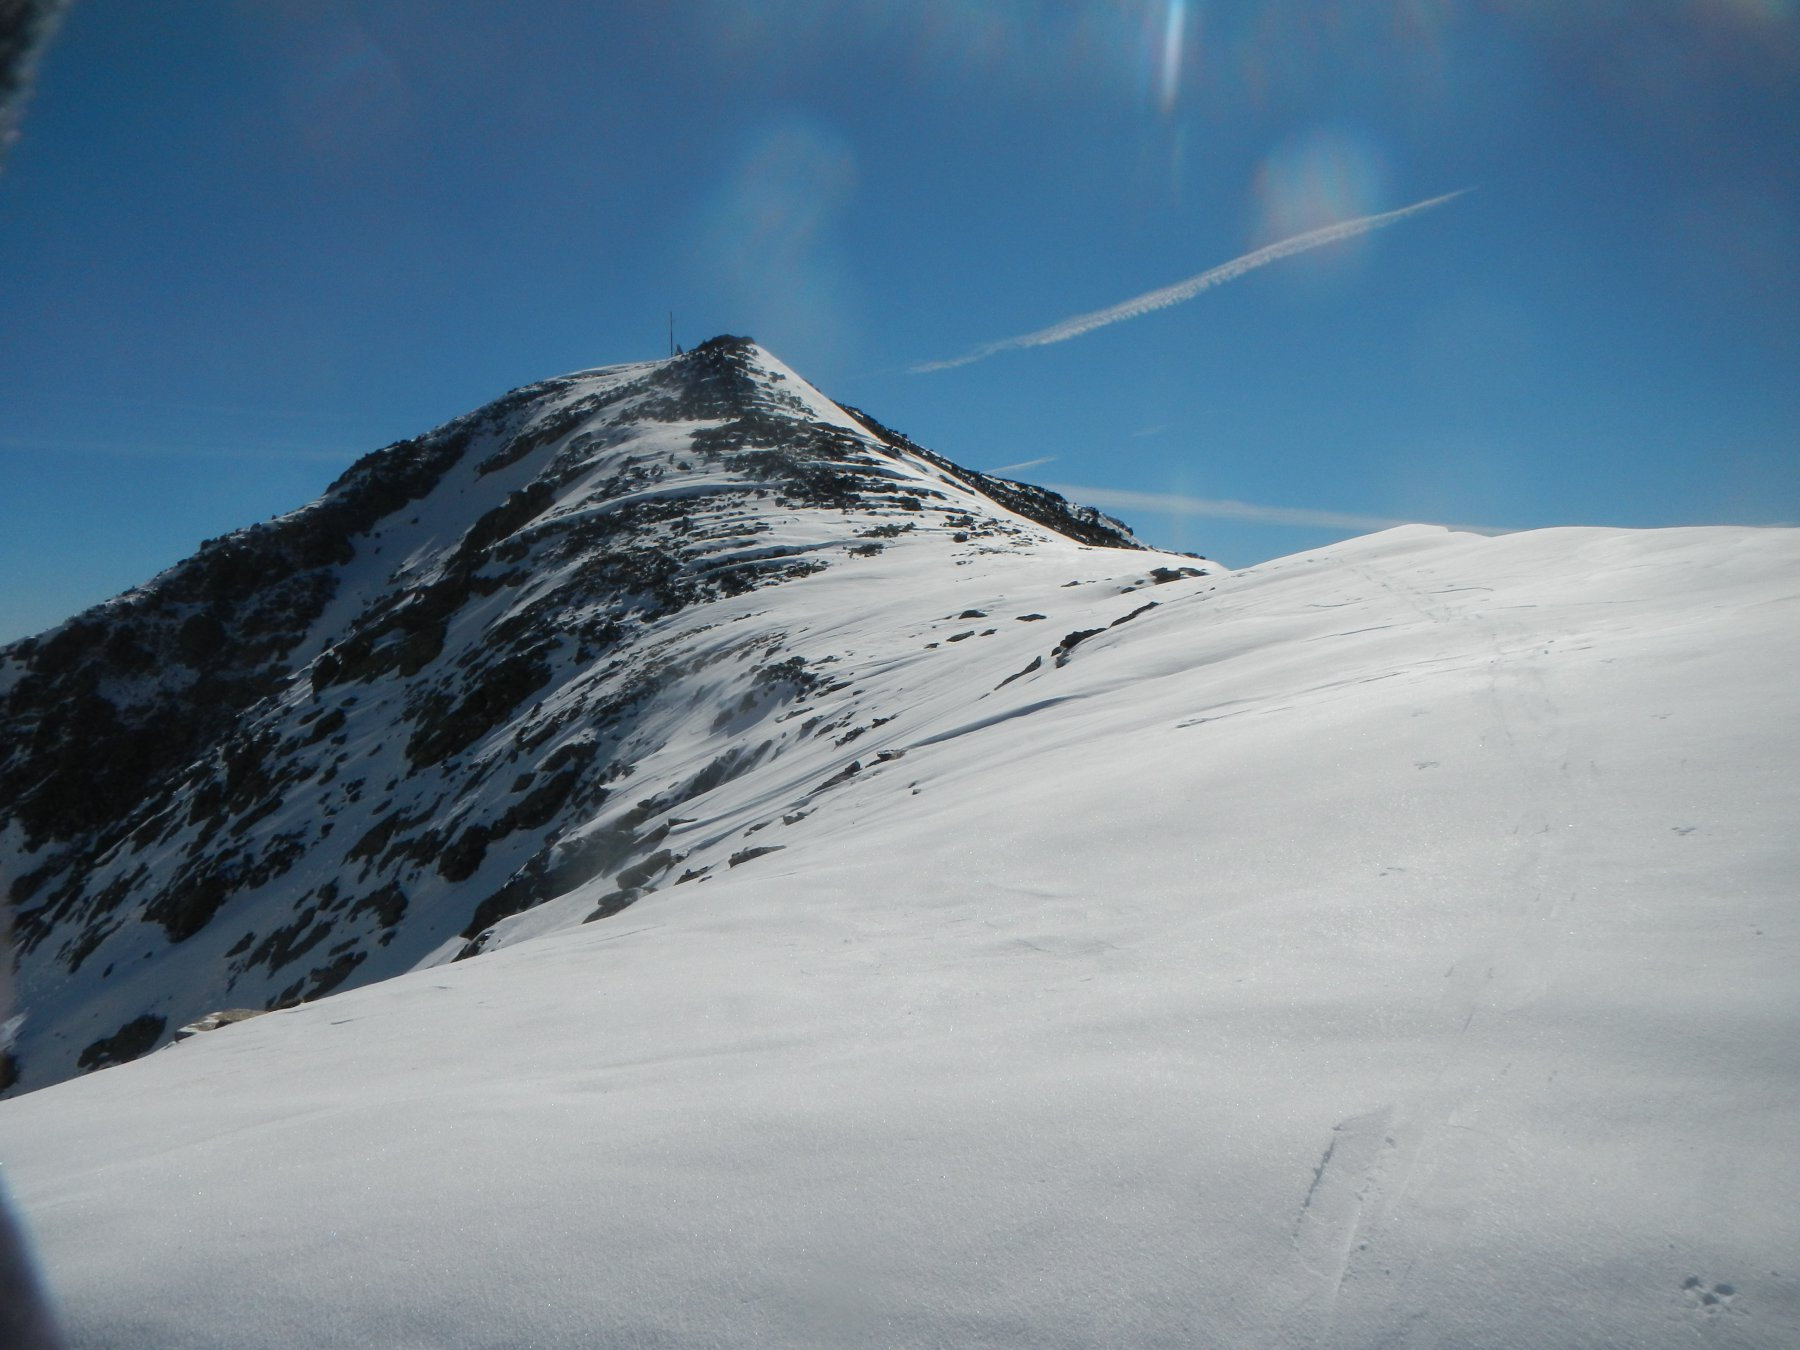 Verso la cima lungo la cresta